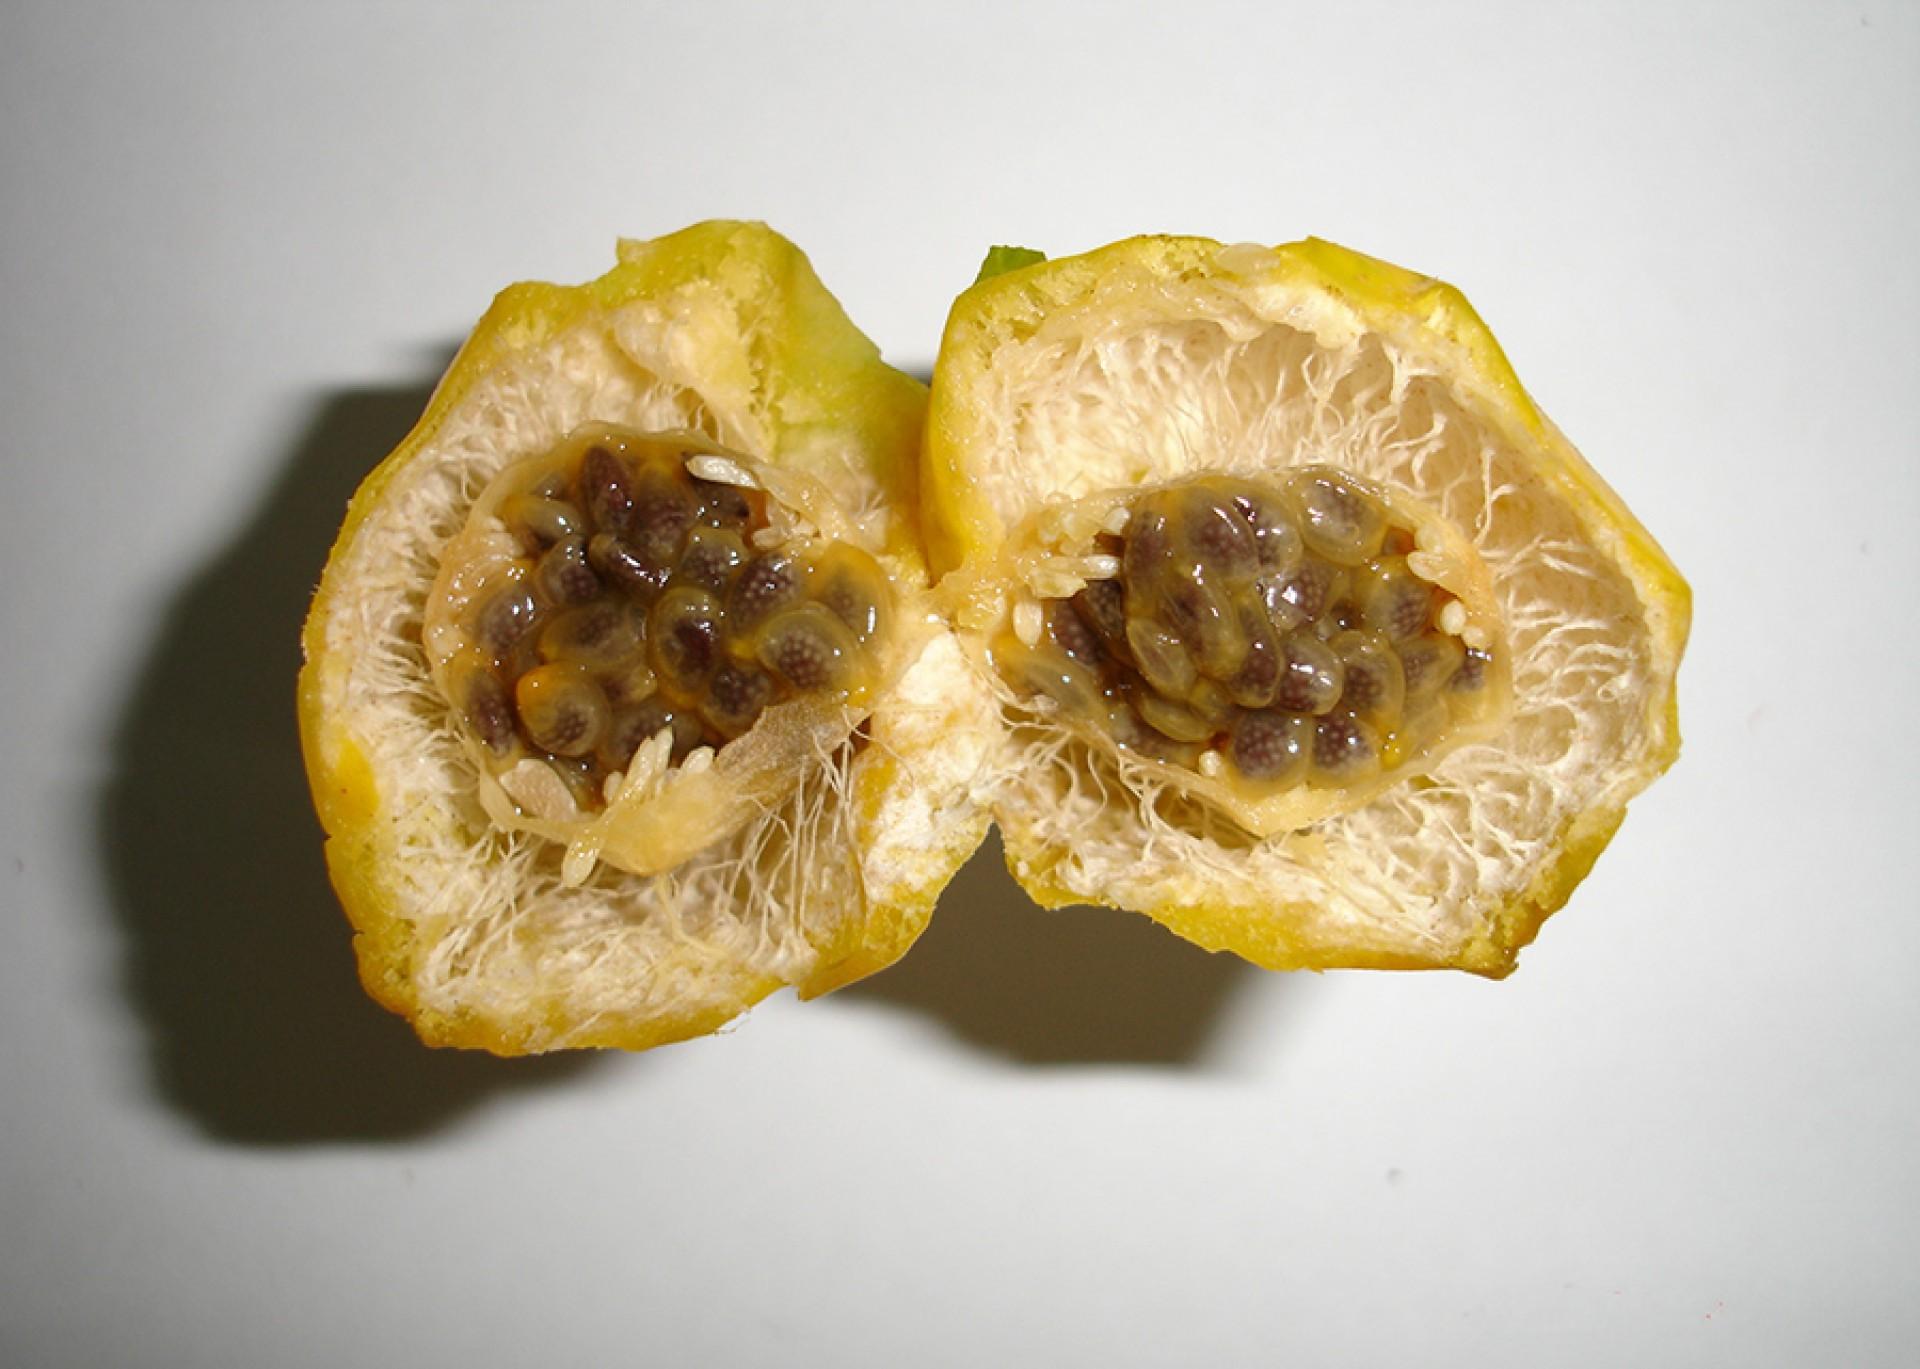 Os pesquisadores avaliaram a casca, a polpa e as sementes da espécie silvestre do maracujá.